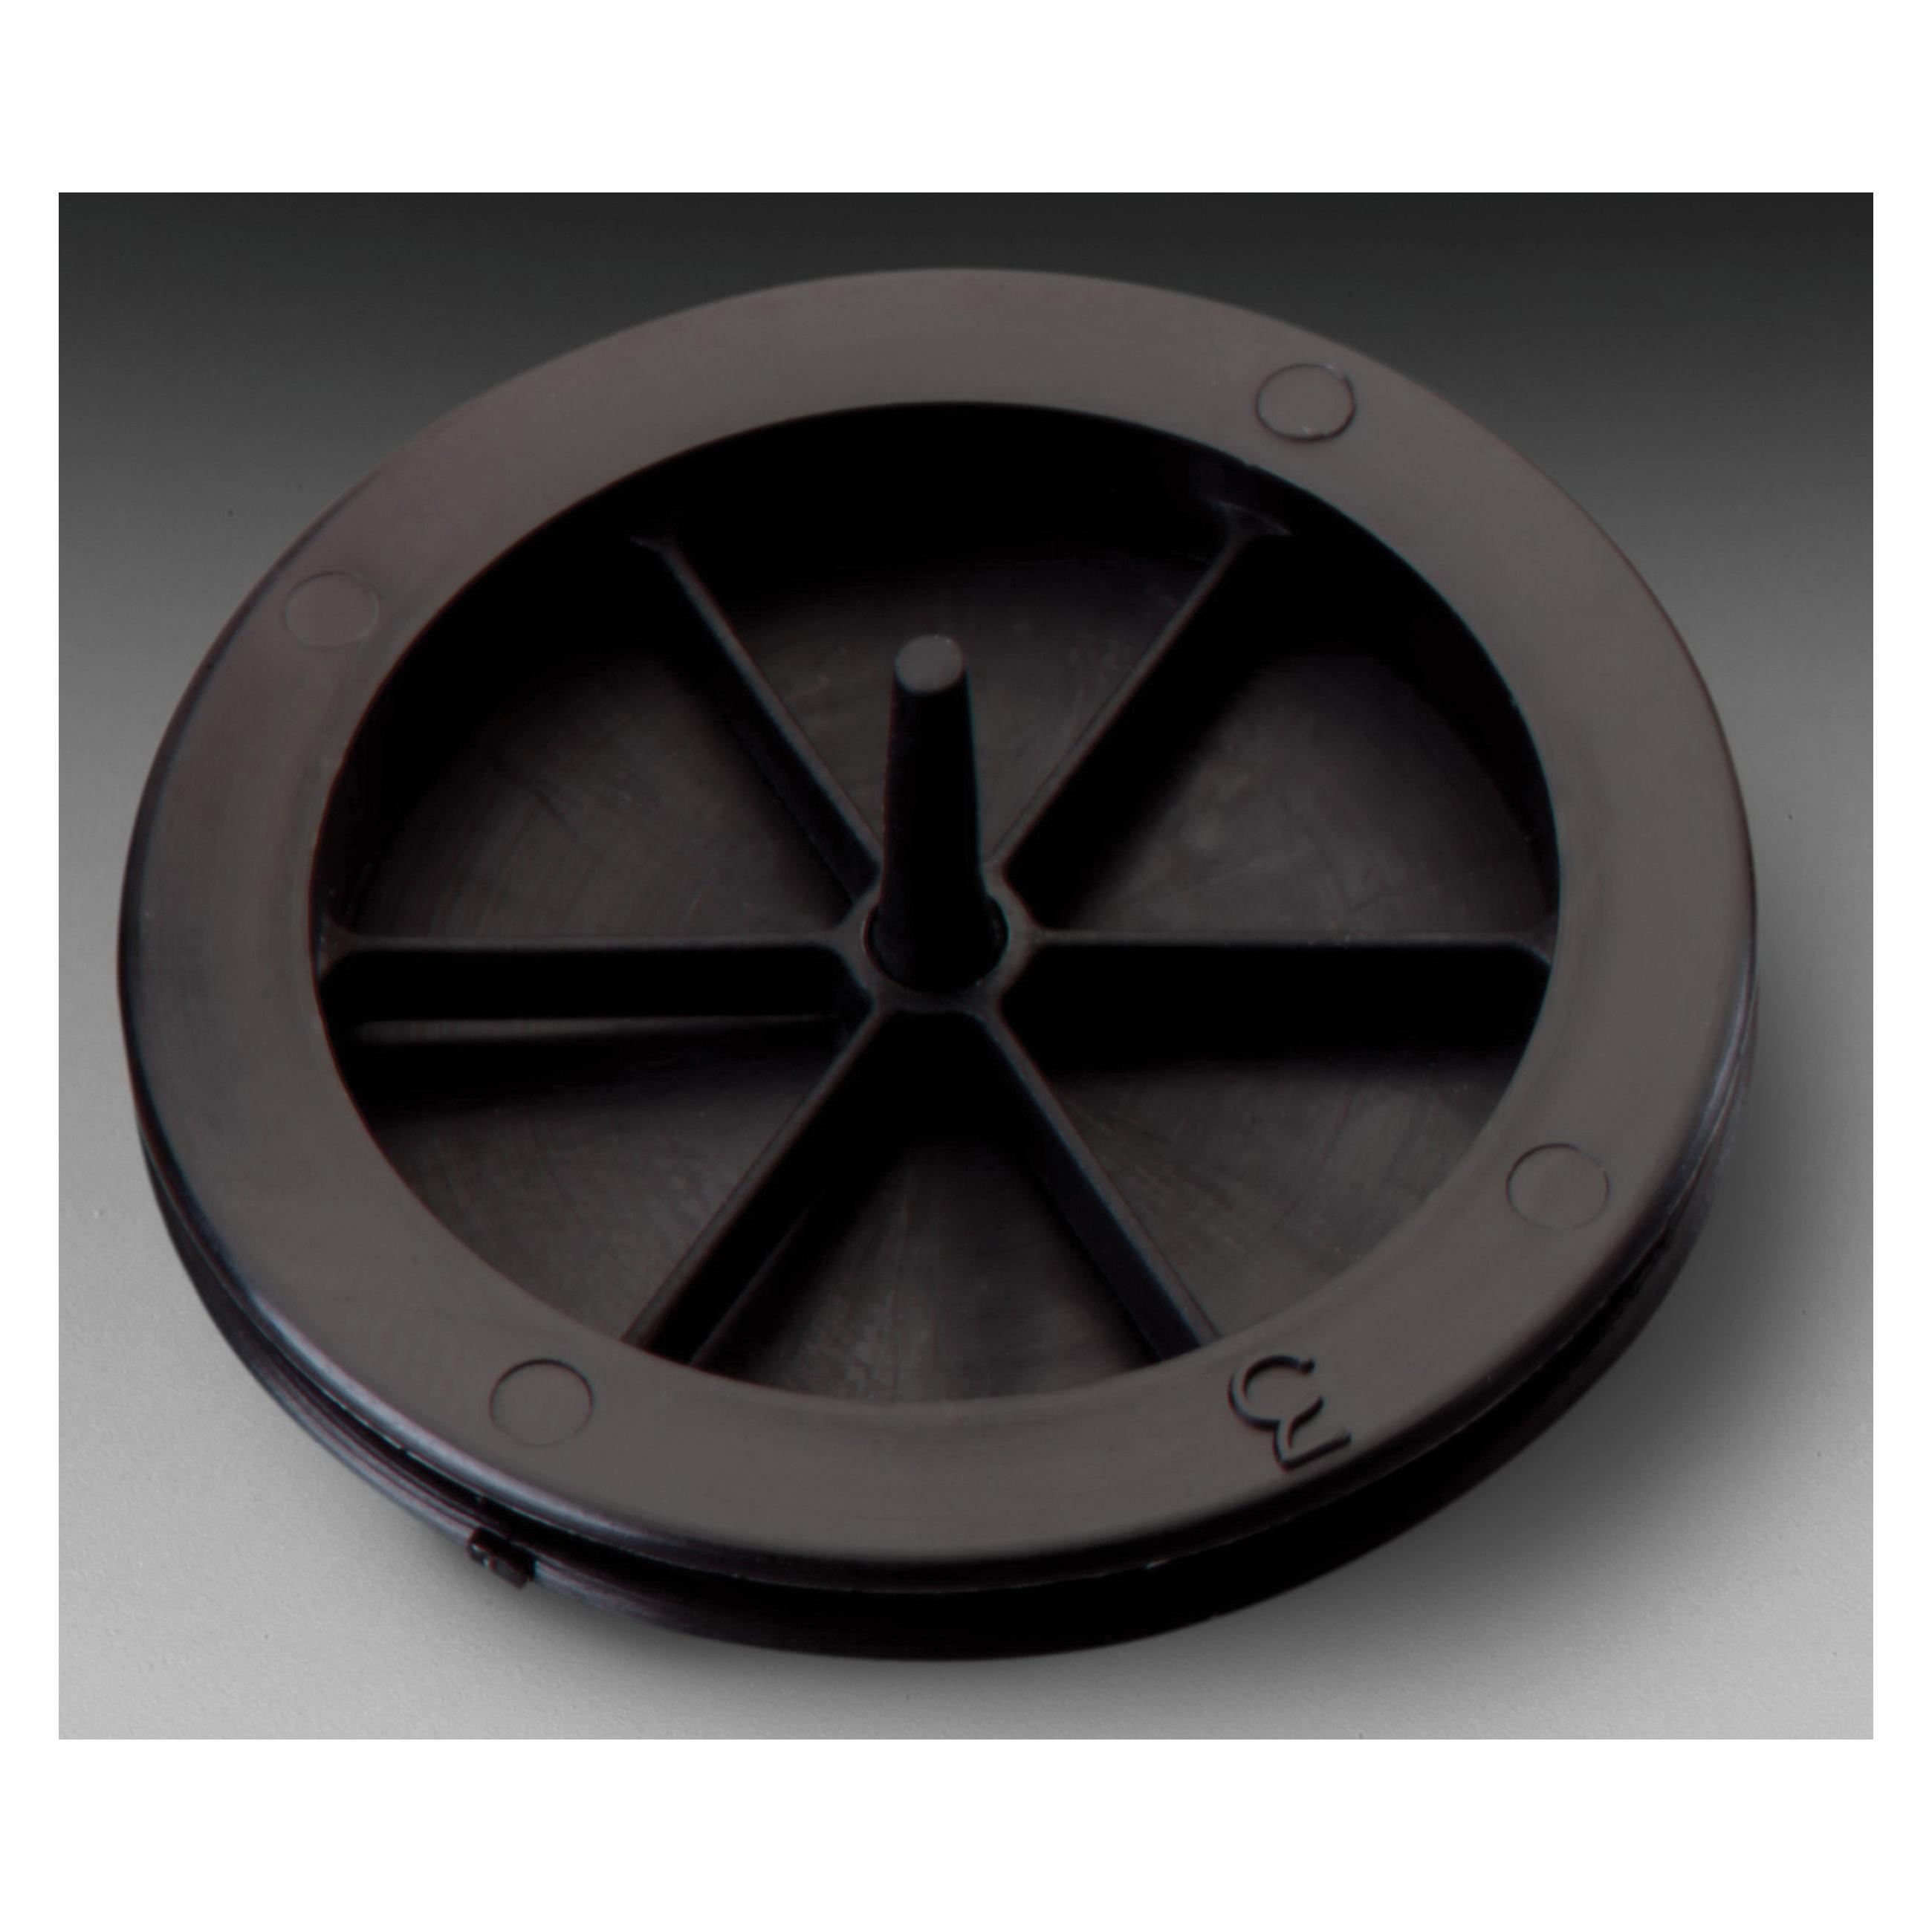 Scott Safety 045135 CBRN Cap-1 Cannister, Polyamide, Black, 4.33 in Dia X 4.11 in HT X 40 mm NATO Thread, For M120, M112, AV-2000¿¿¿, AV-3000¿¿¿ Sureseal¿¿¿, C420